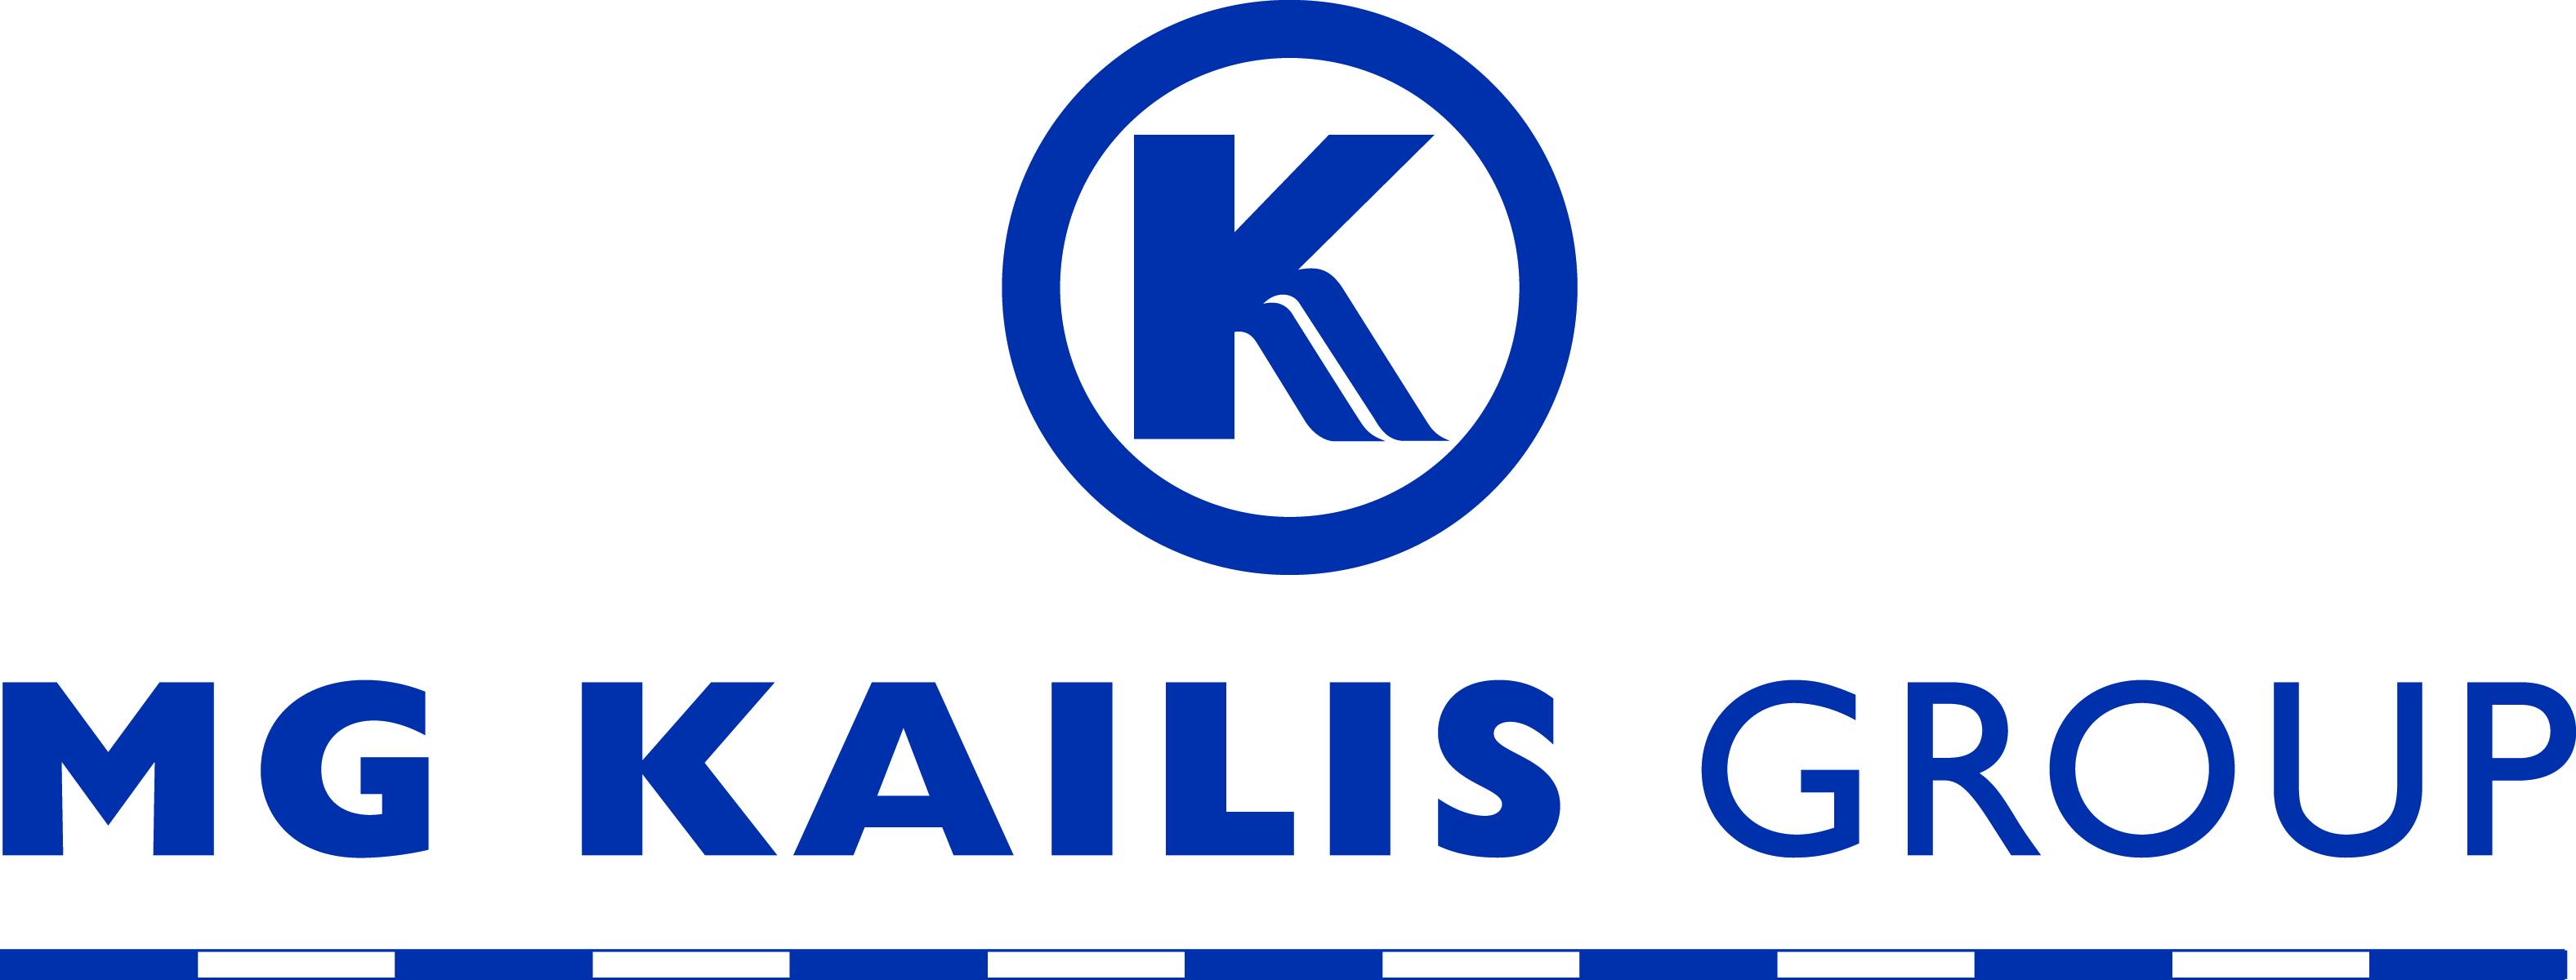 George Kailis